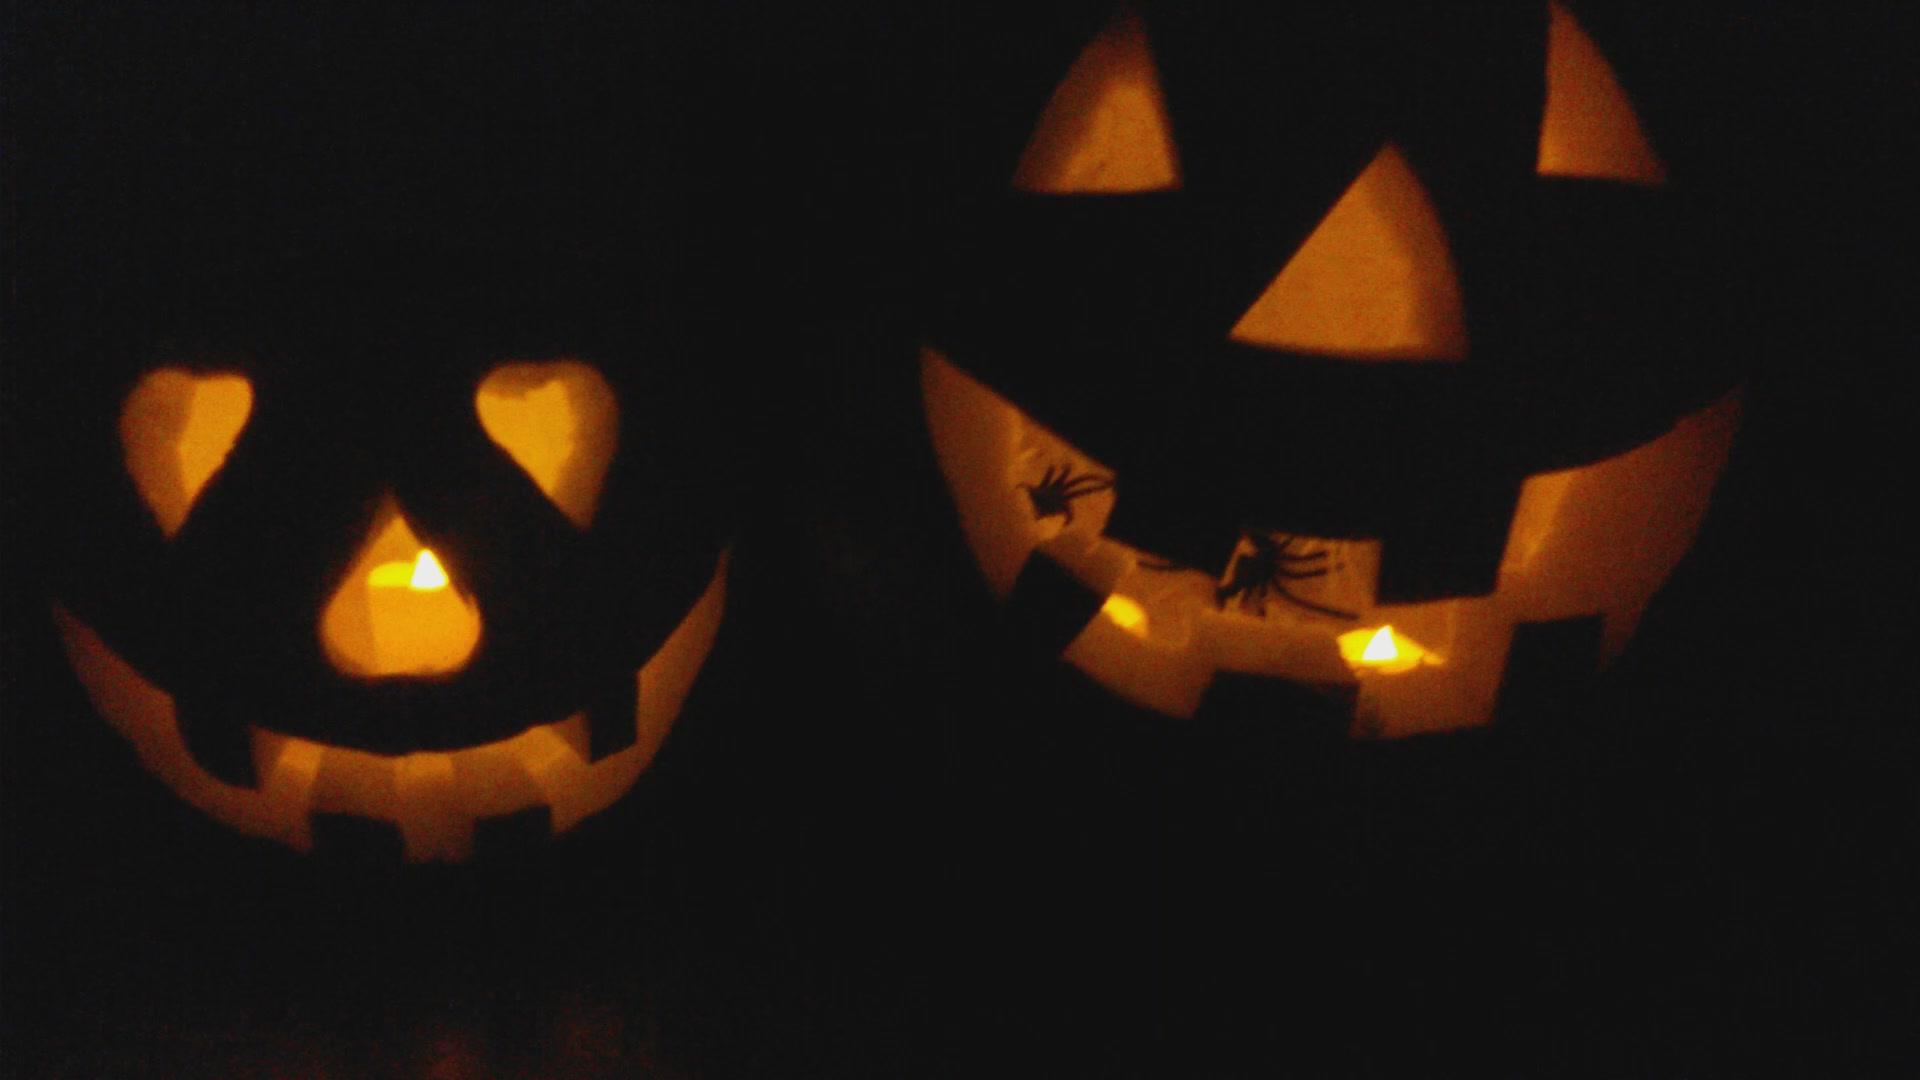 Intagliare Zucca Per Halloween Disegni come preparare la zucca di halloween - estroso